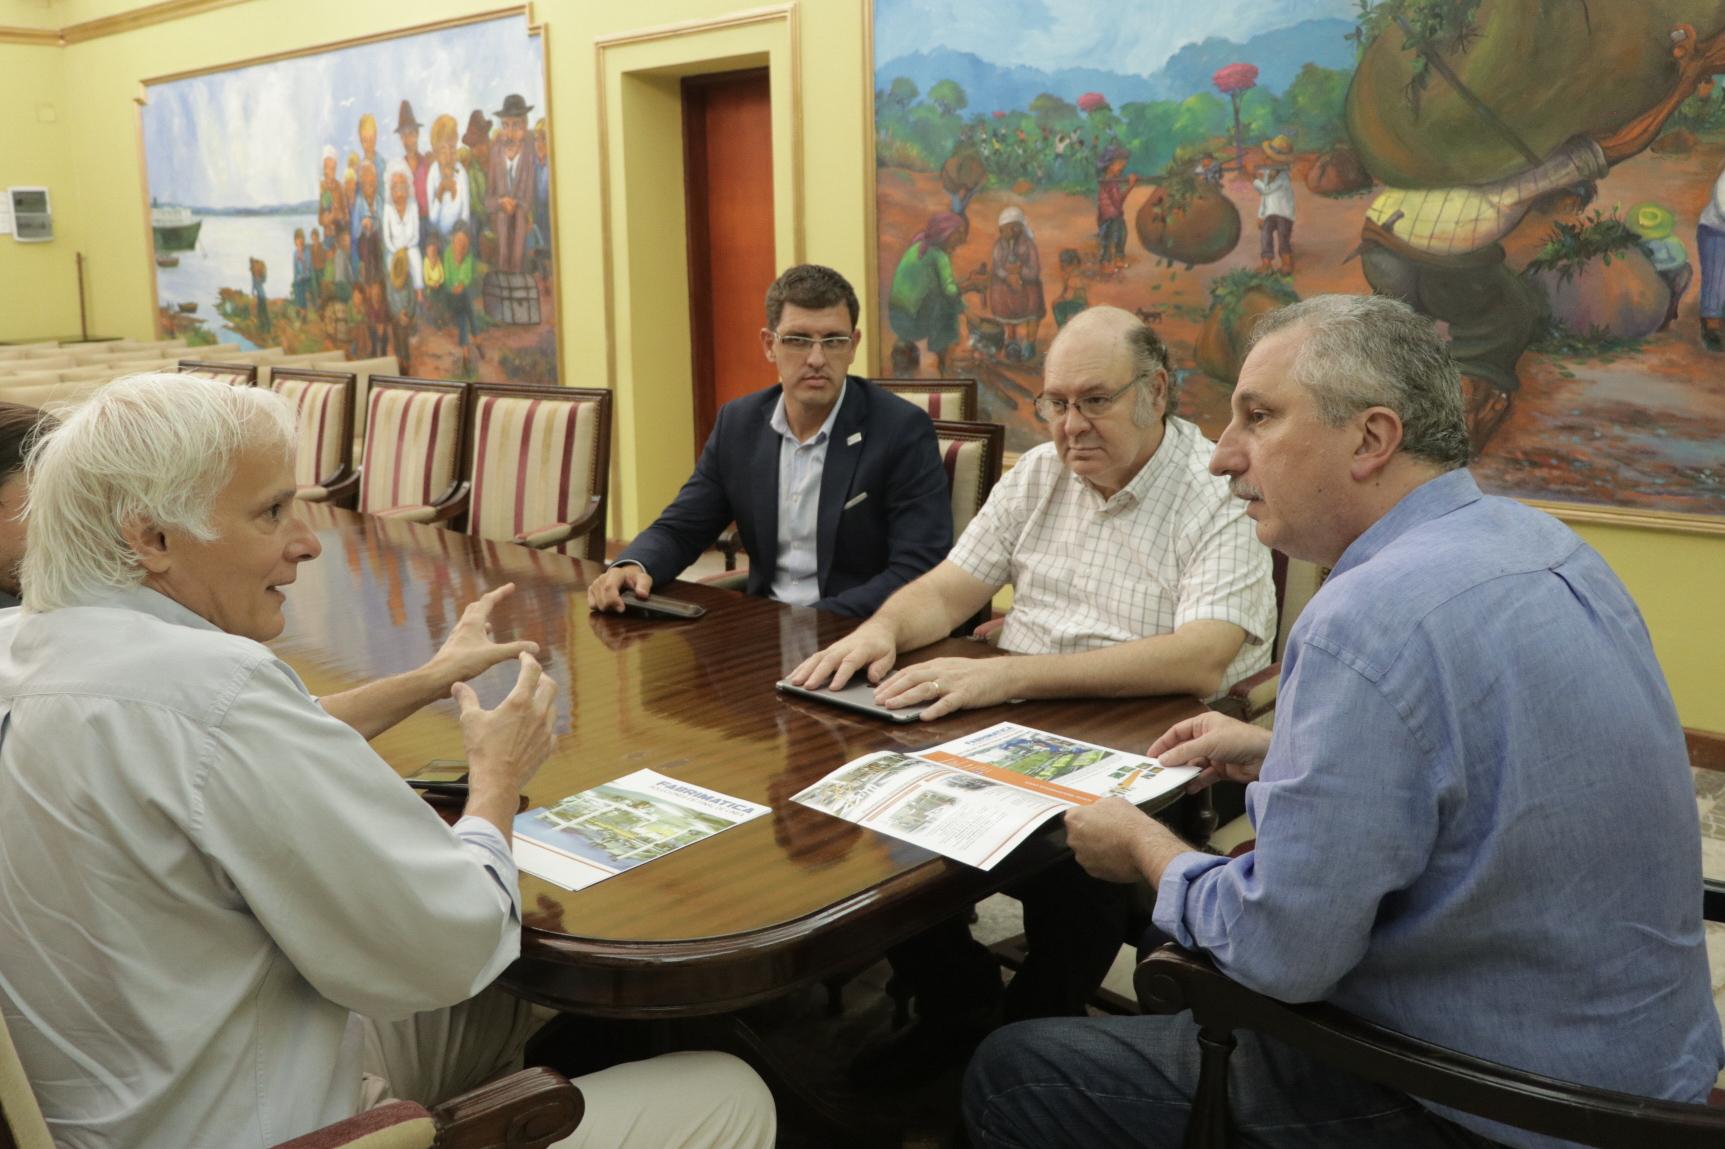 El Gobernador recibió al presidente de Fabrimática, empresa dedicada a robótica industrial